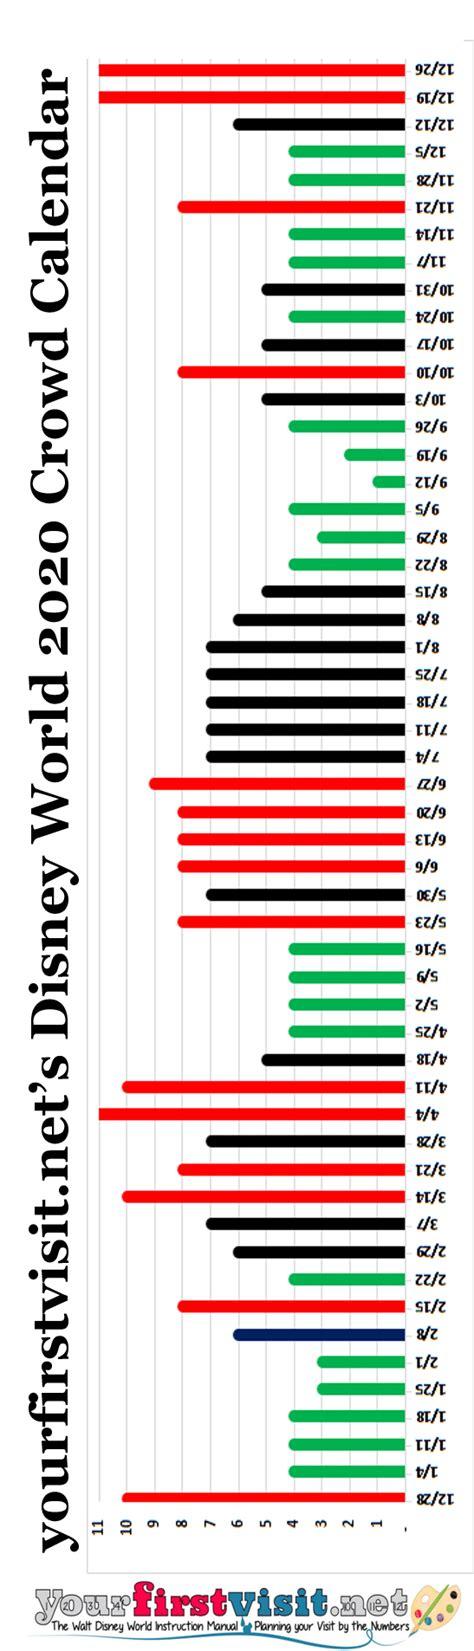 disney world crowds yourfirstvisitnet